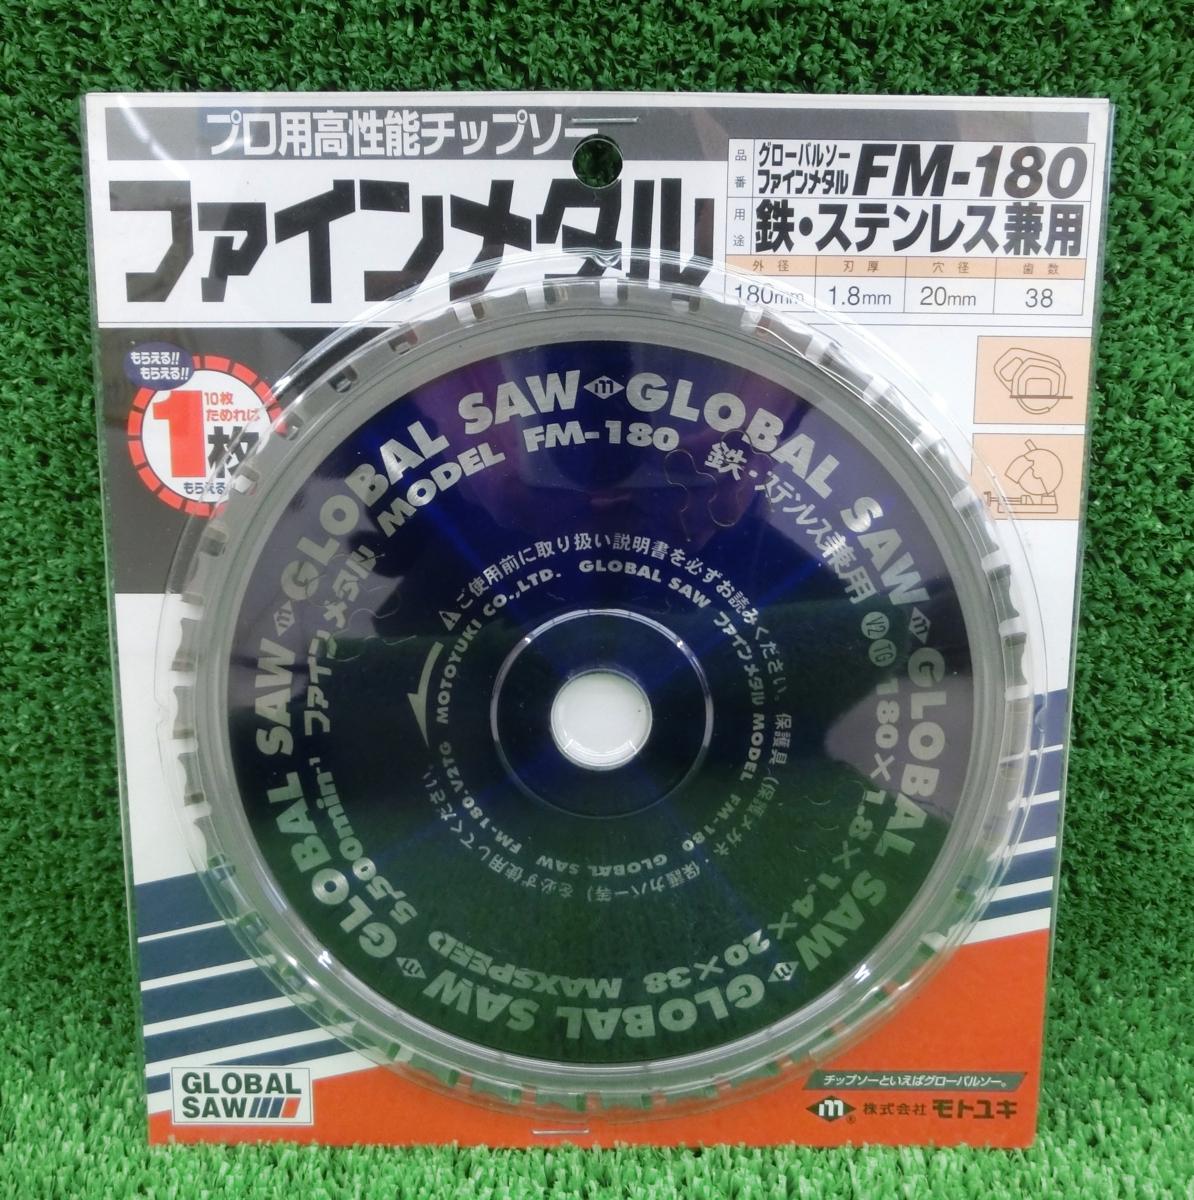 新品♪ モトユキ グローバルソー FM-180 ファインメタル (鉄・ステンレス兼用)_画像1